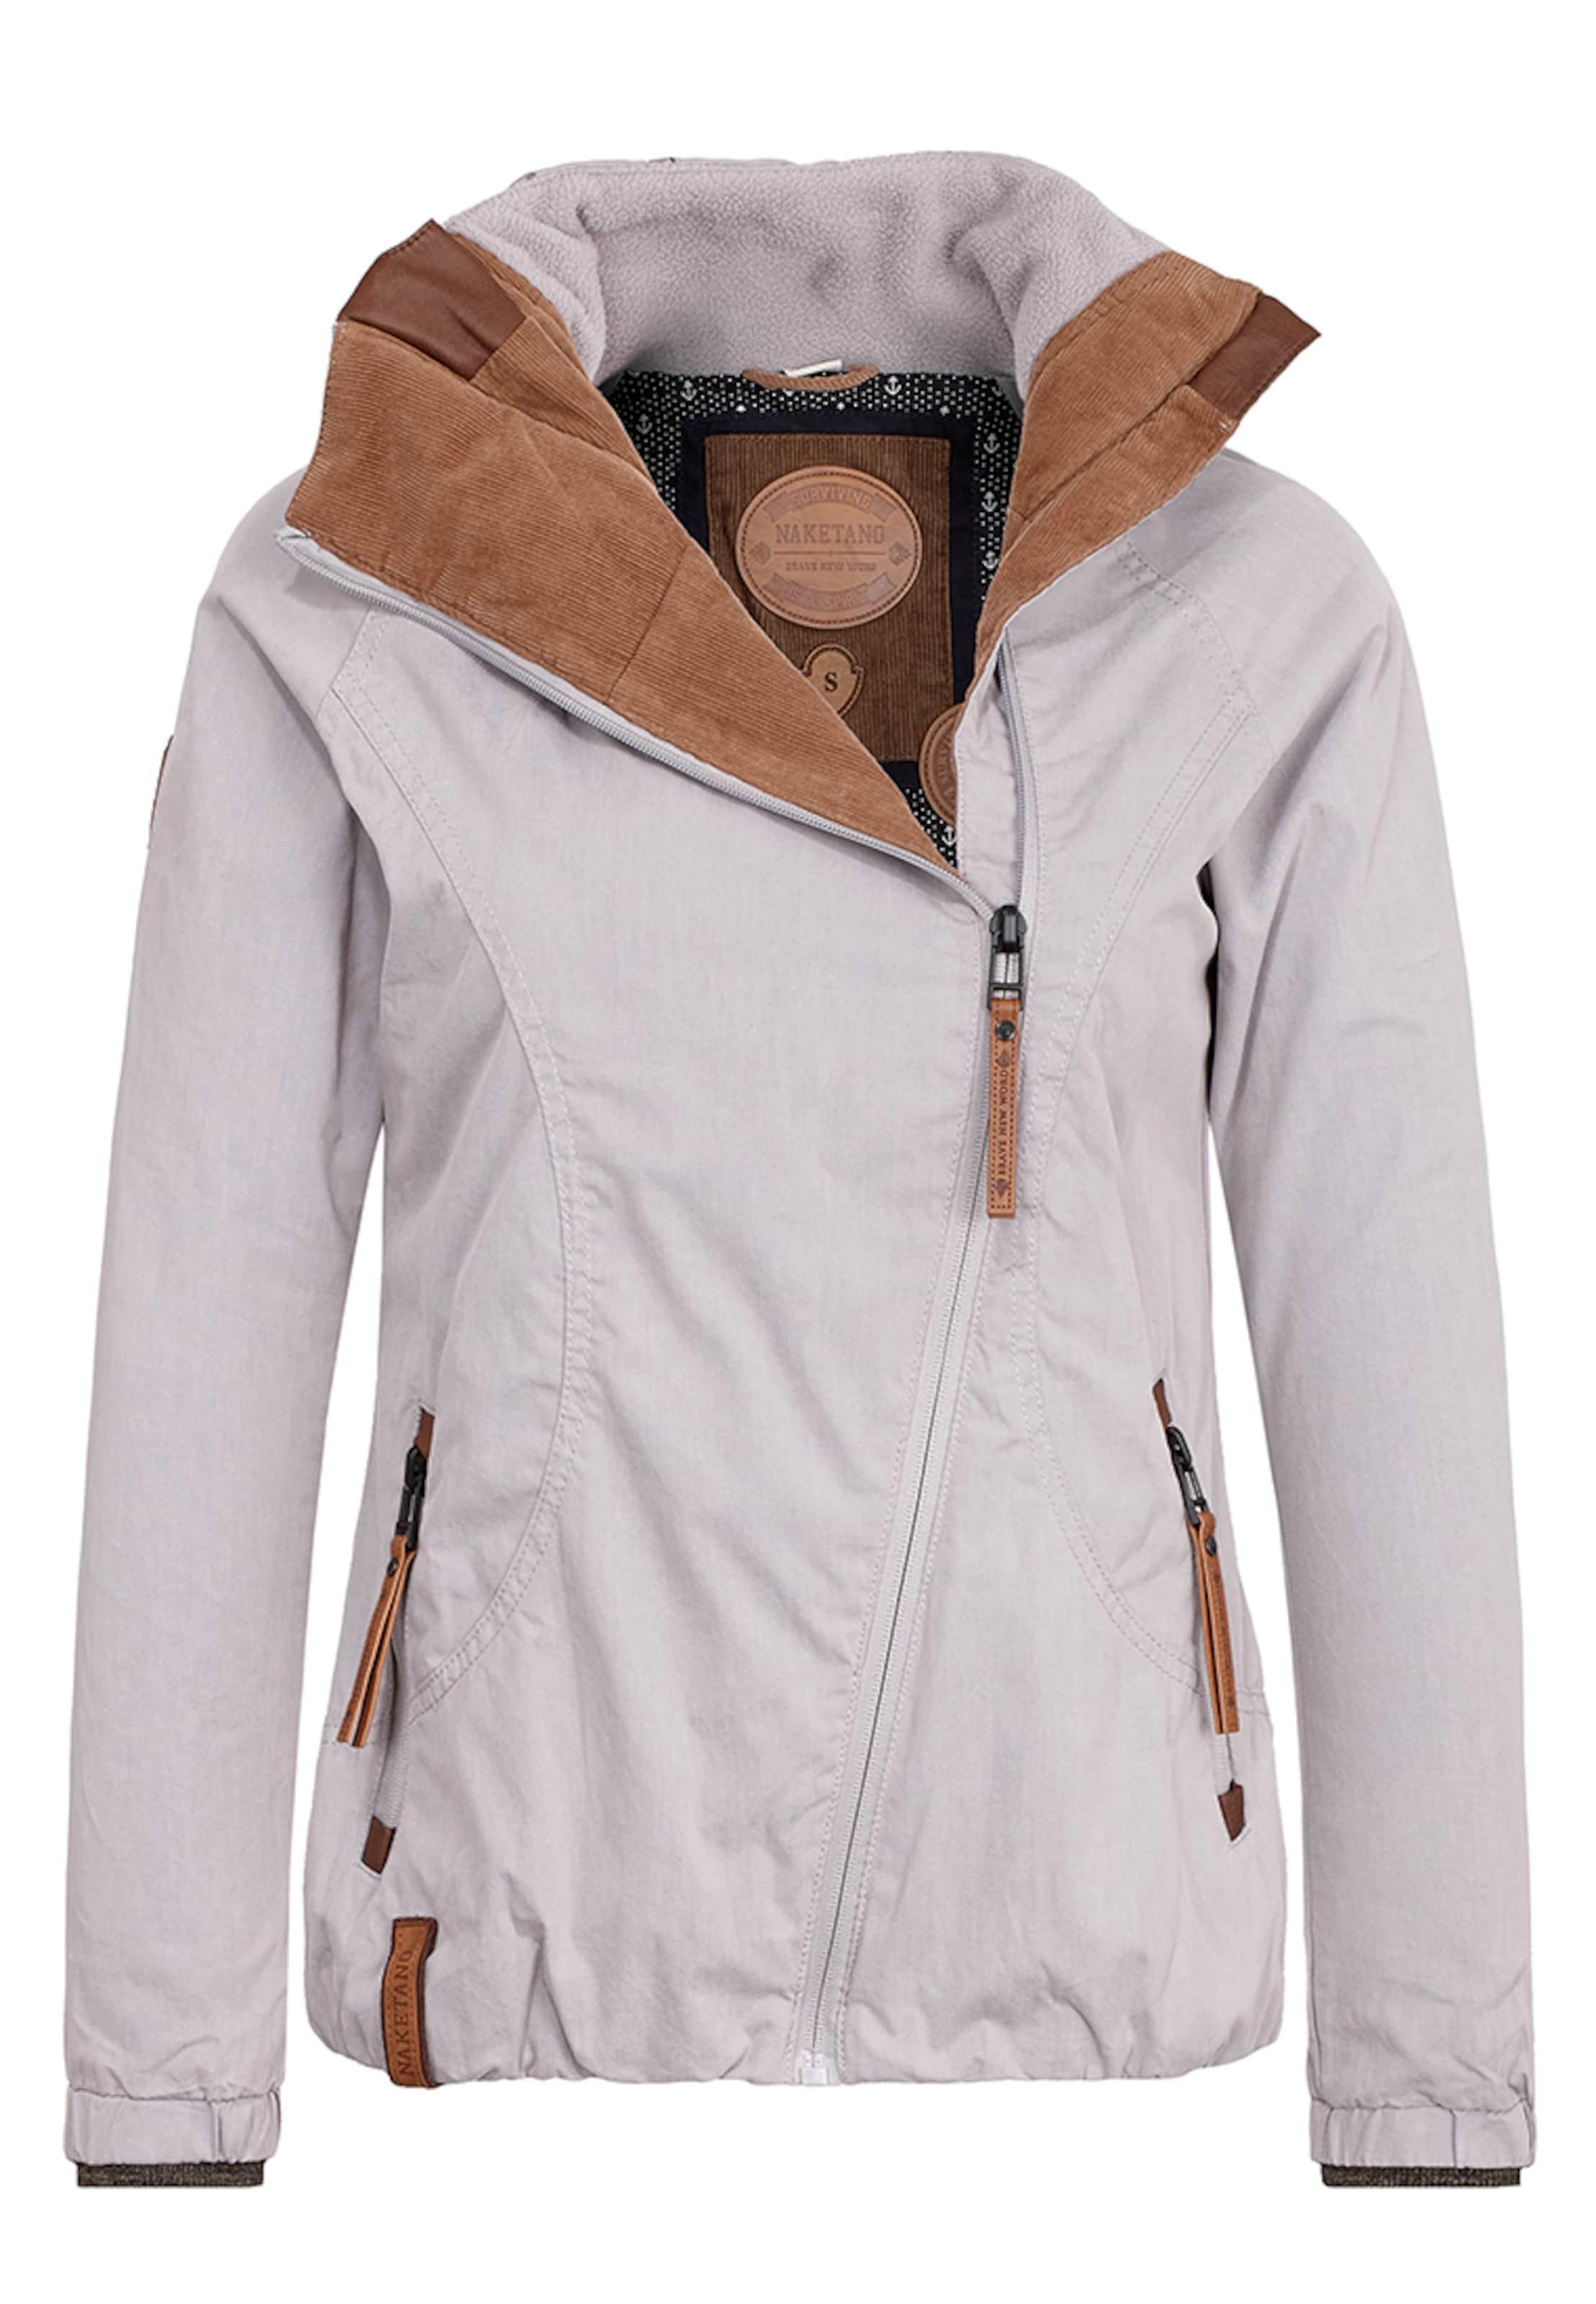 naketano Female Jacket Visa-Zahlung Zum Verkauf MucTJZe